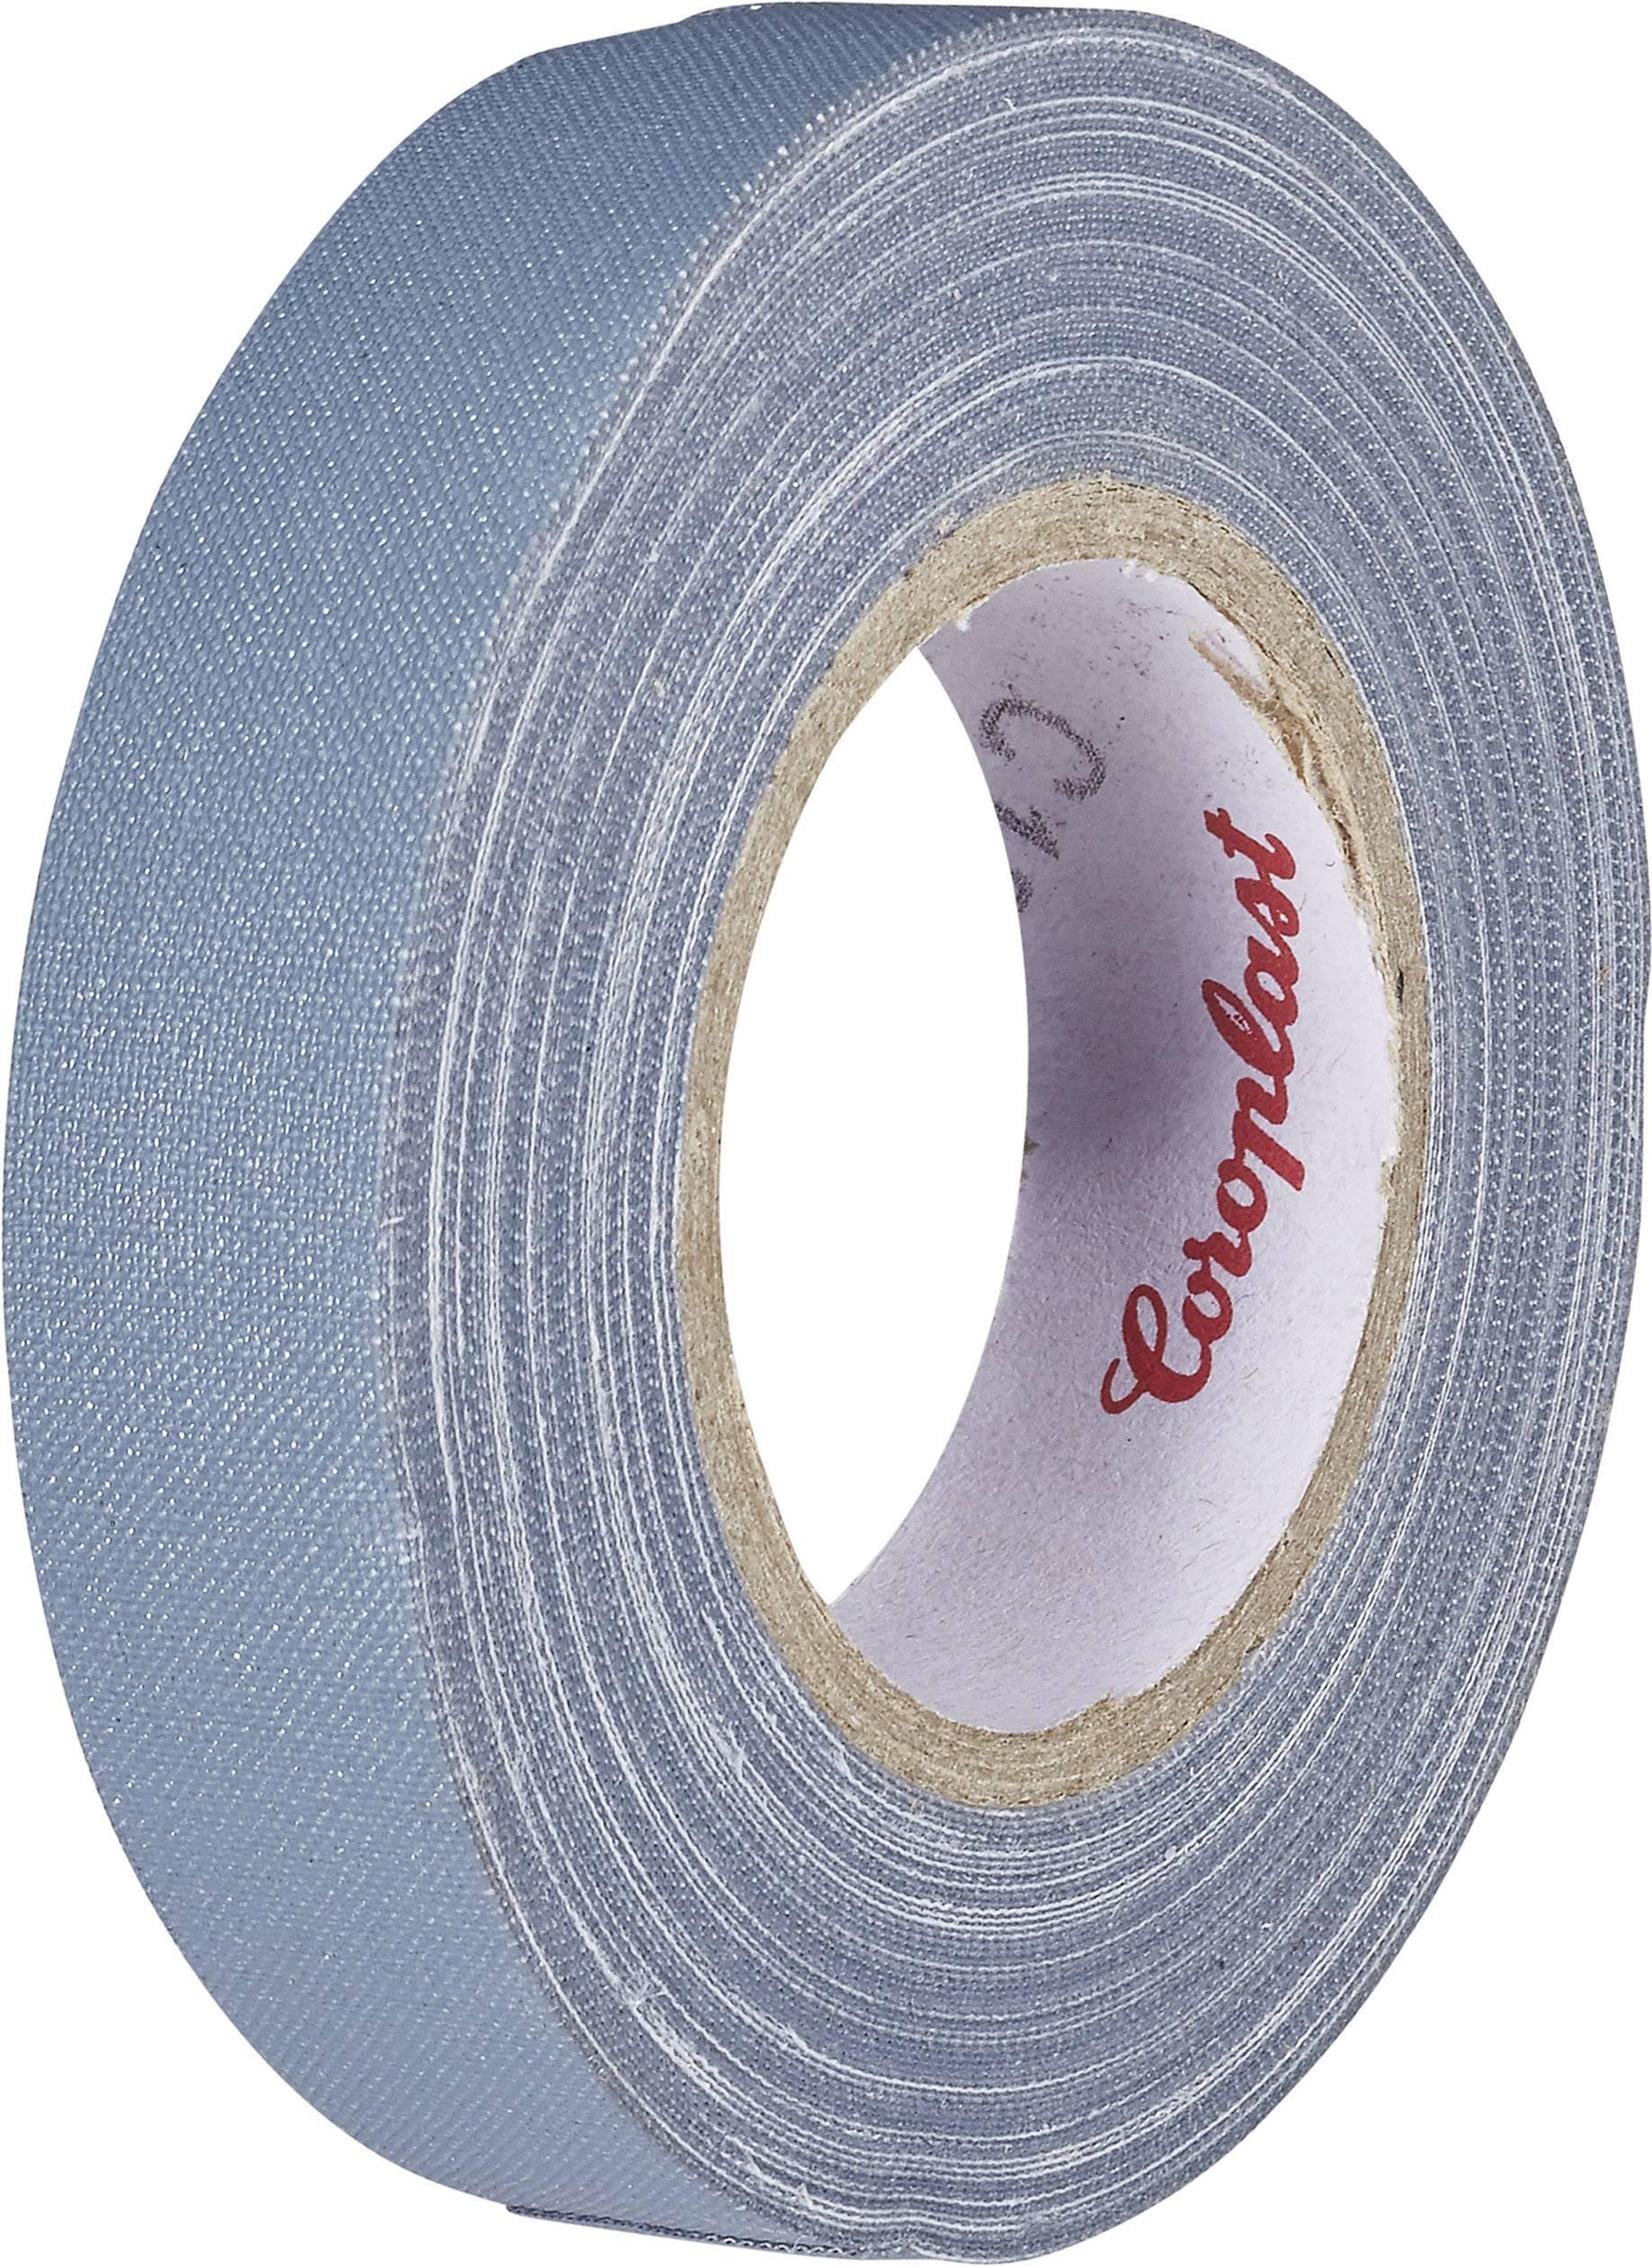 Páska so skleným vláknom Coroplast 80294 80294, (d x š) 10 m x 15 mm, sivá, 1 roliek